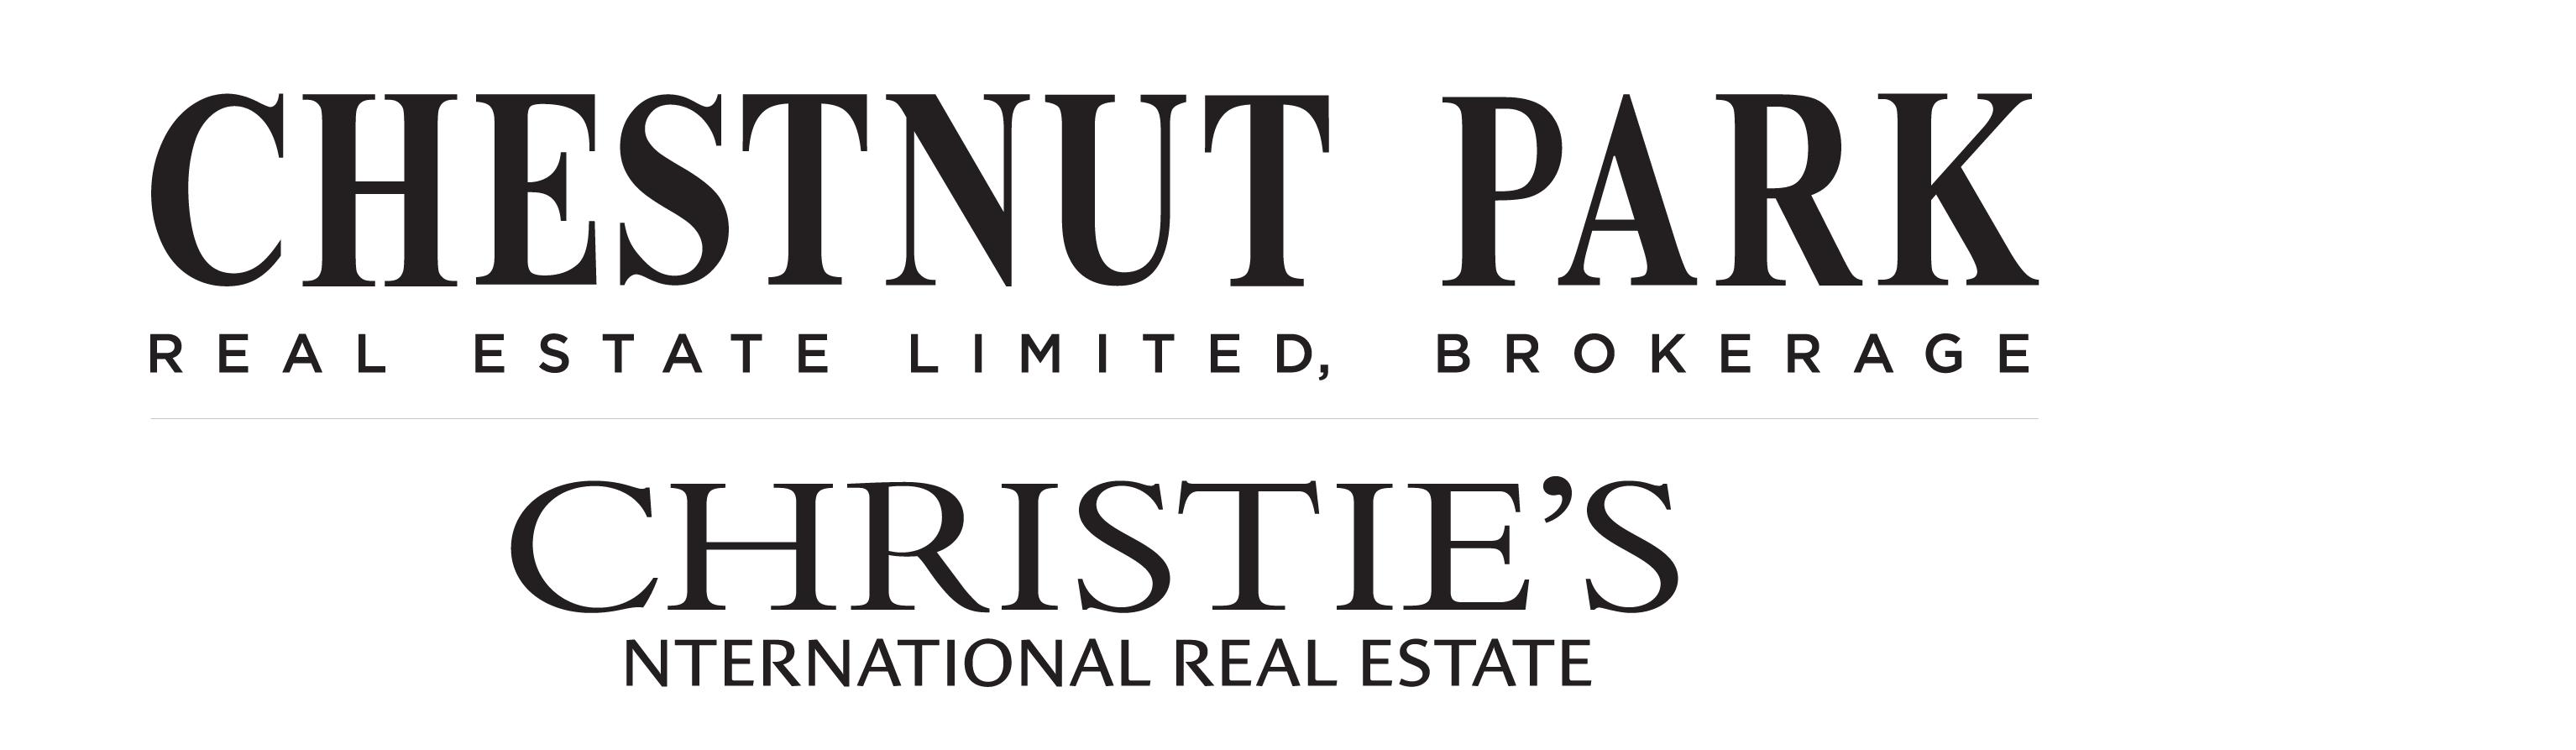 ChestnutPark_logomain_black_small